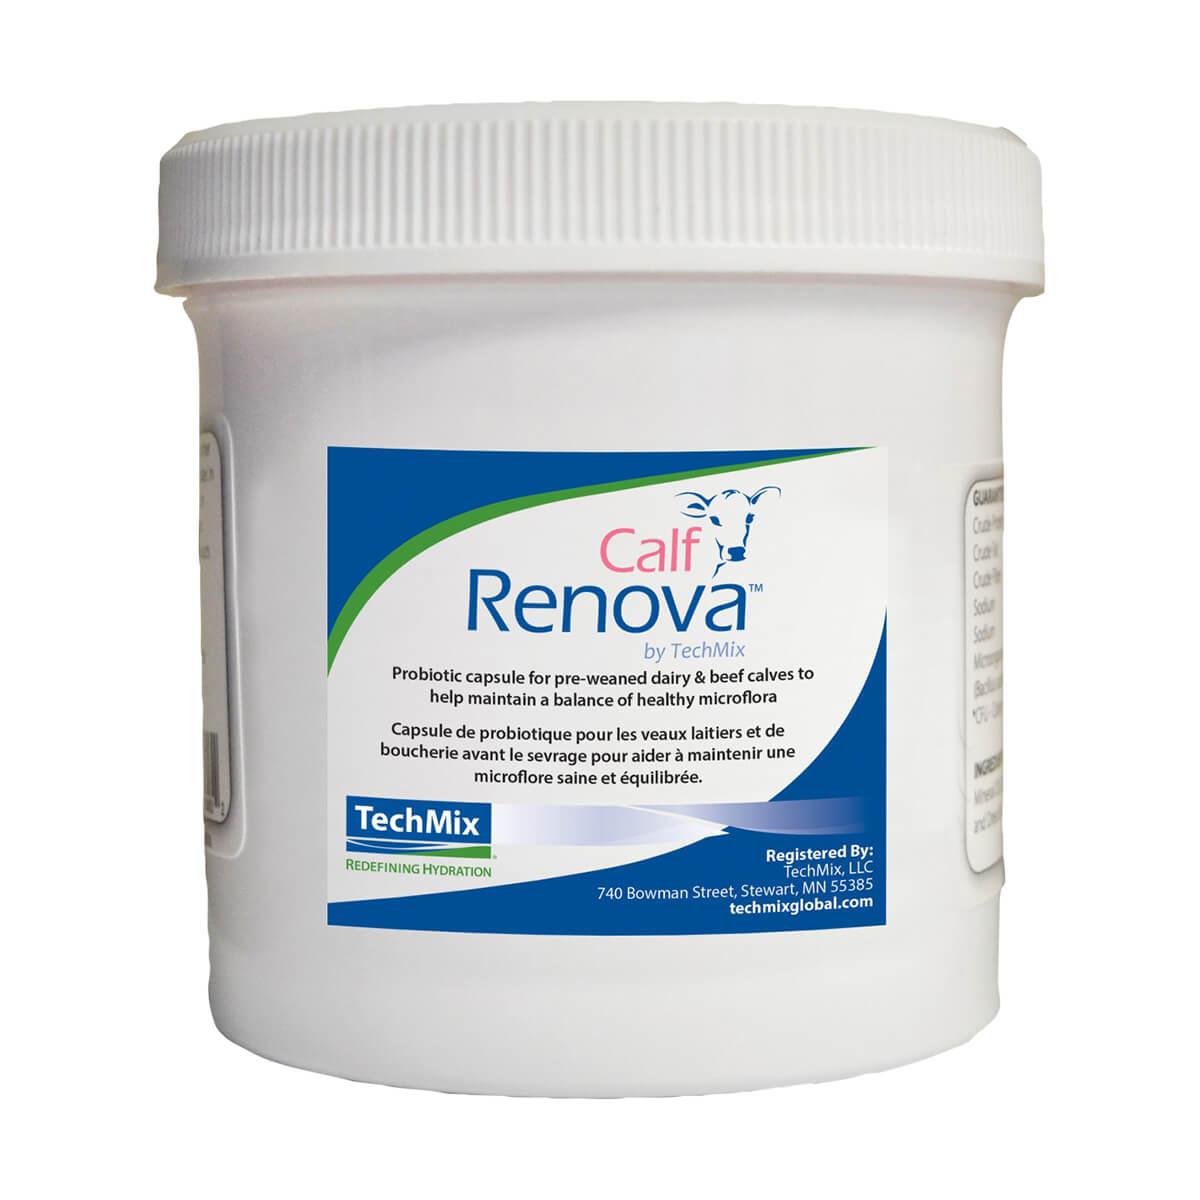 Calf Renova - Prebiotic Capsules - 12 Pack